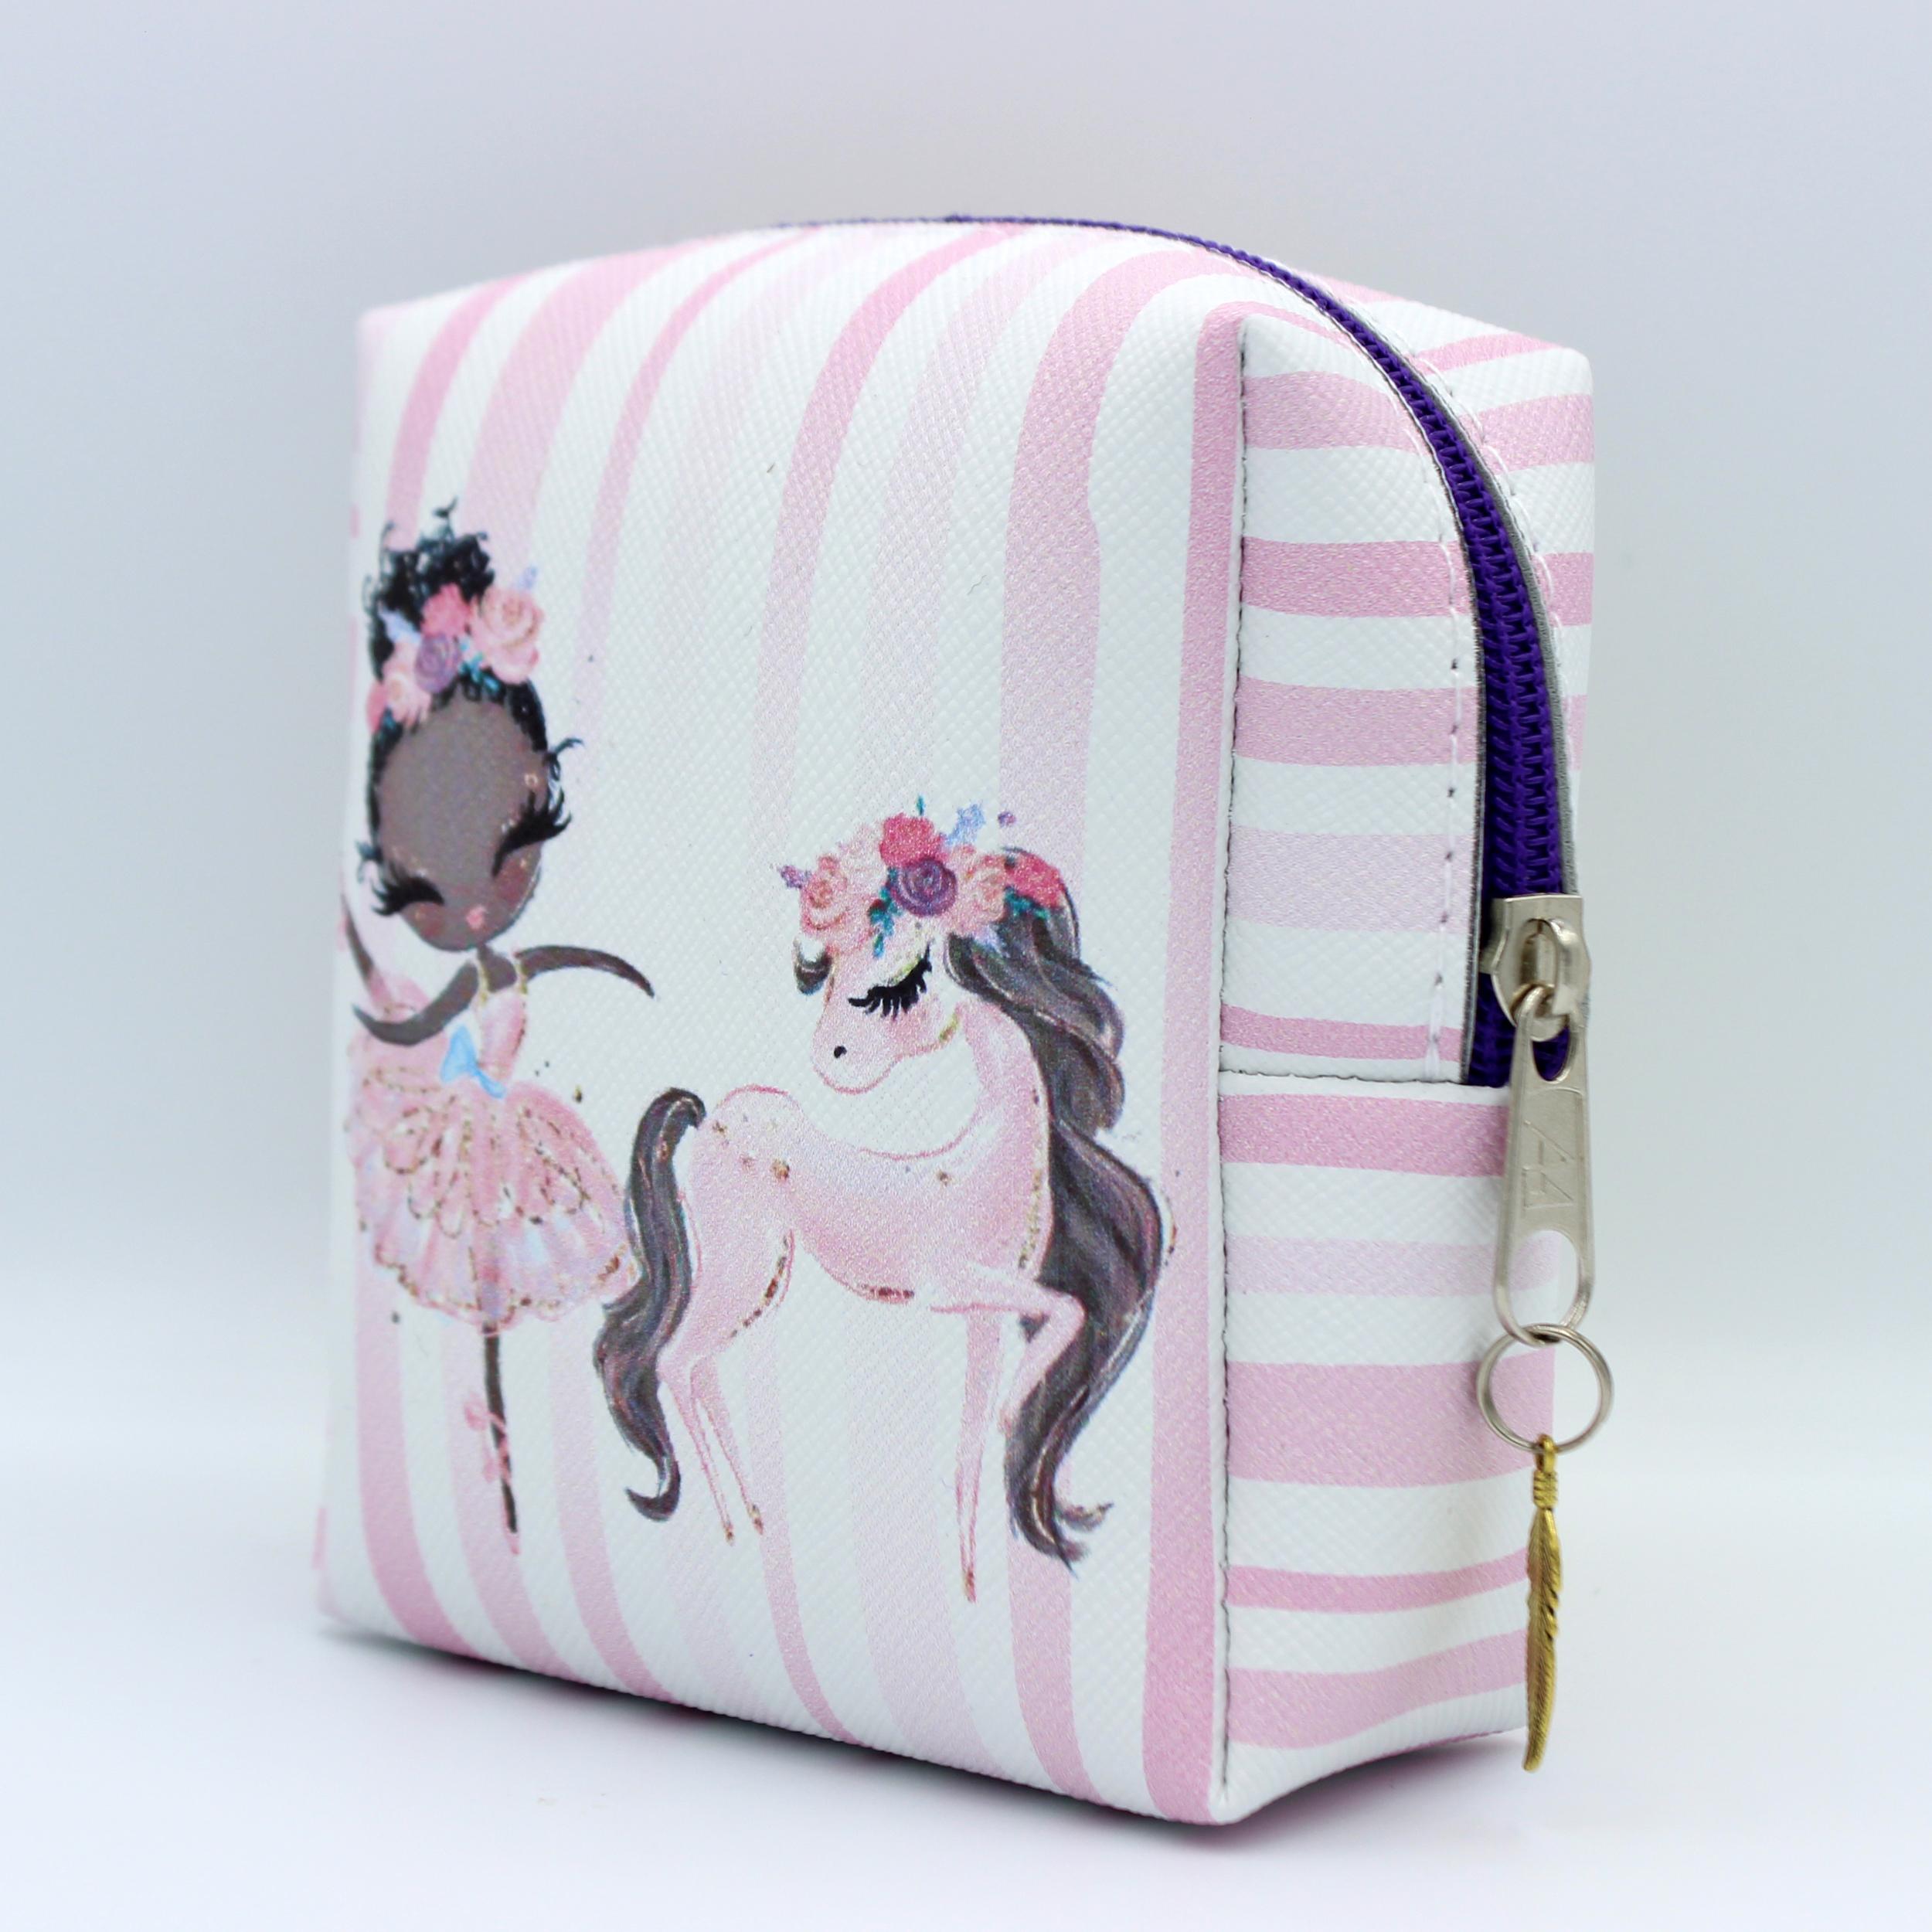 کیف نوار بهداشتی طرح دختر کد A039